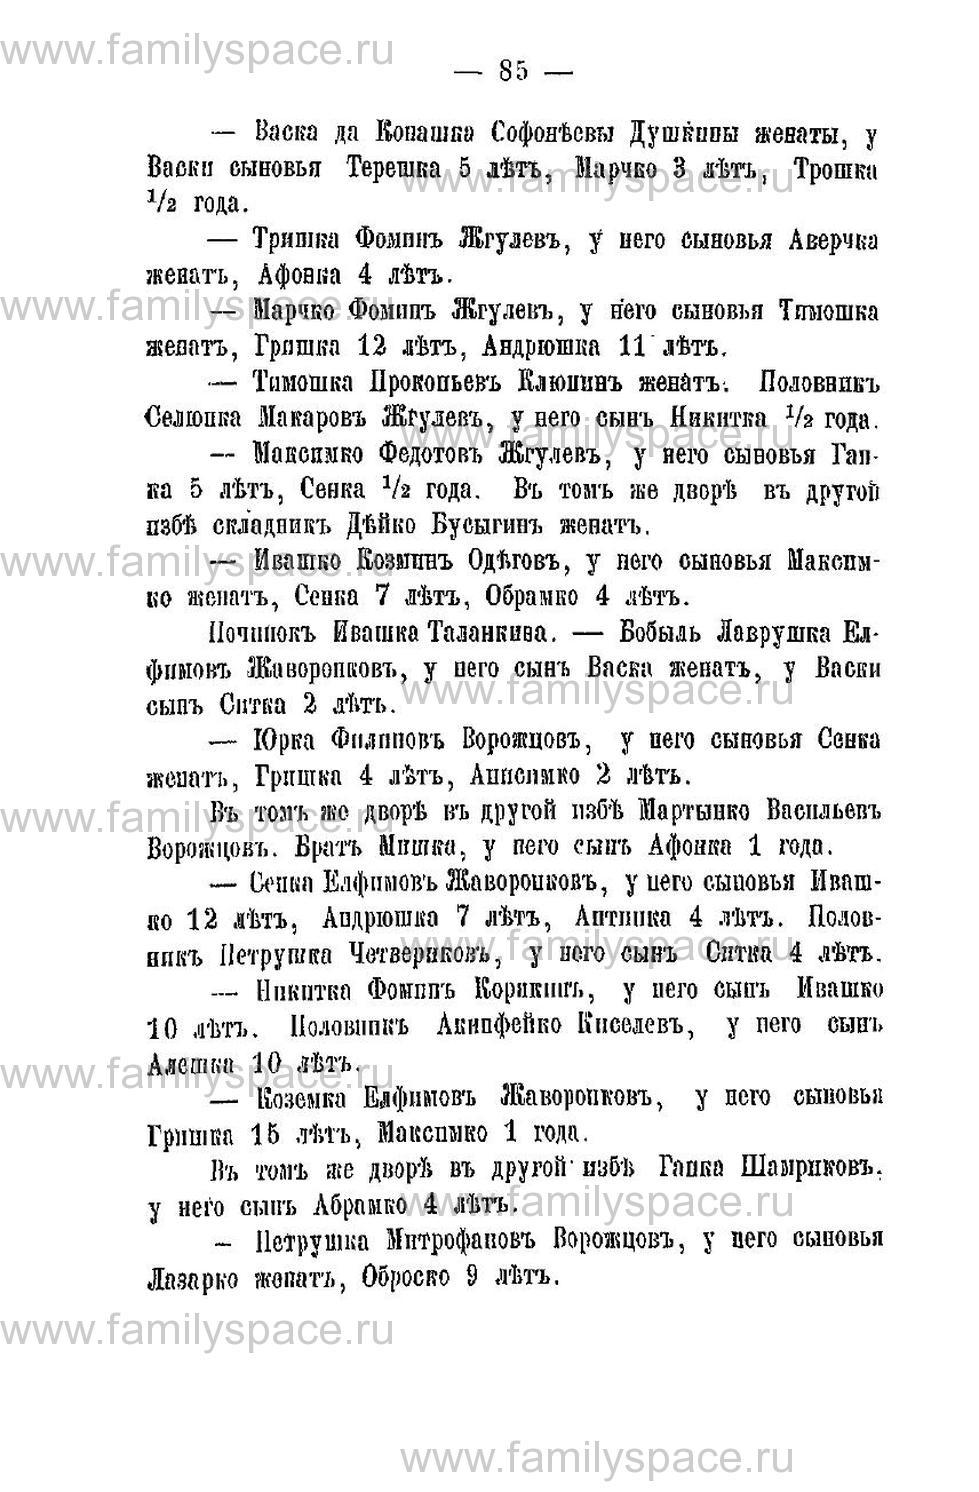 Поиск по фамилии - Переписная книга Орлова и волостей 1678 г, страница 81